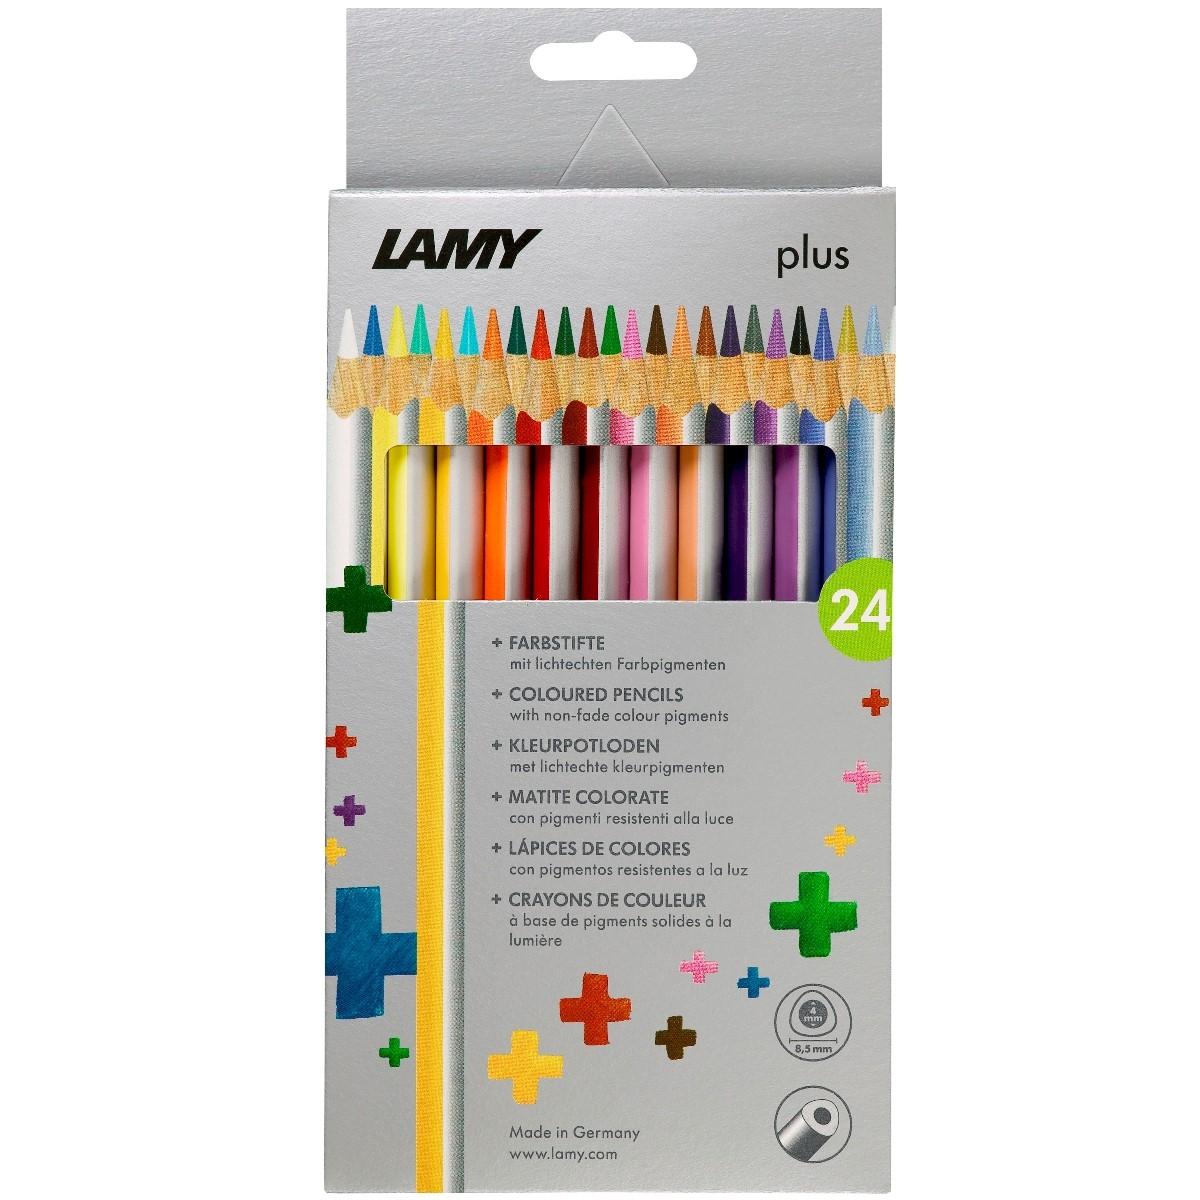 LAMY plus 24er-Set-Faltschachtel Farbstifte 530